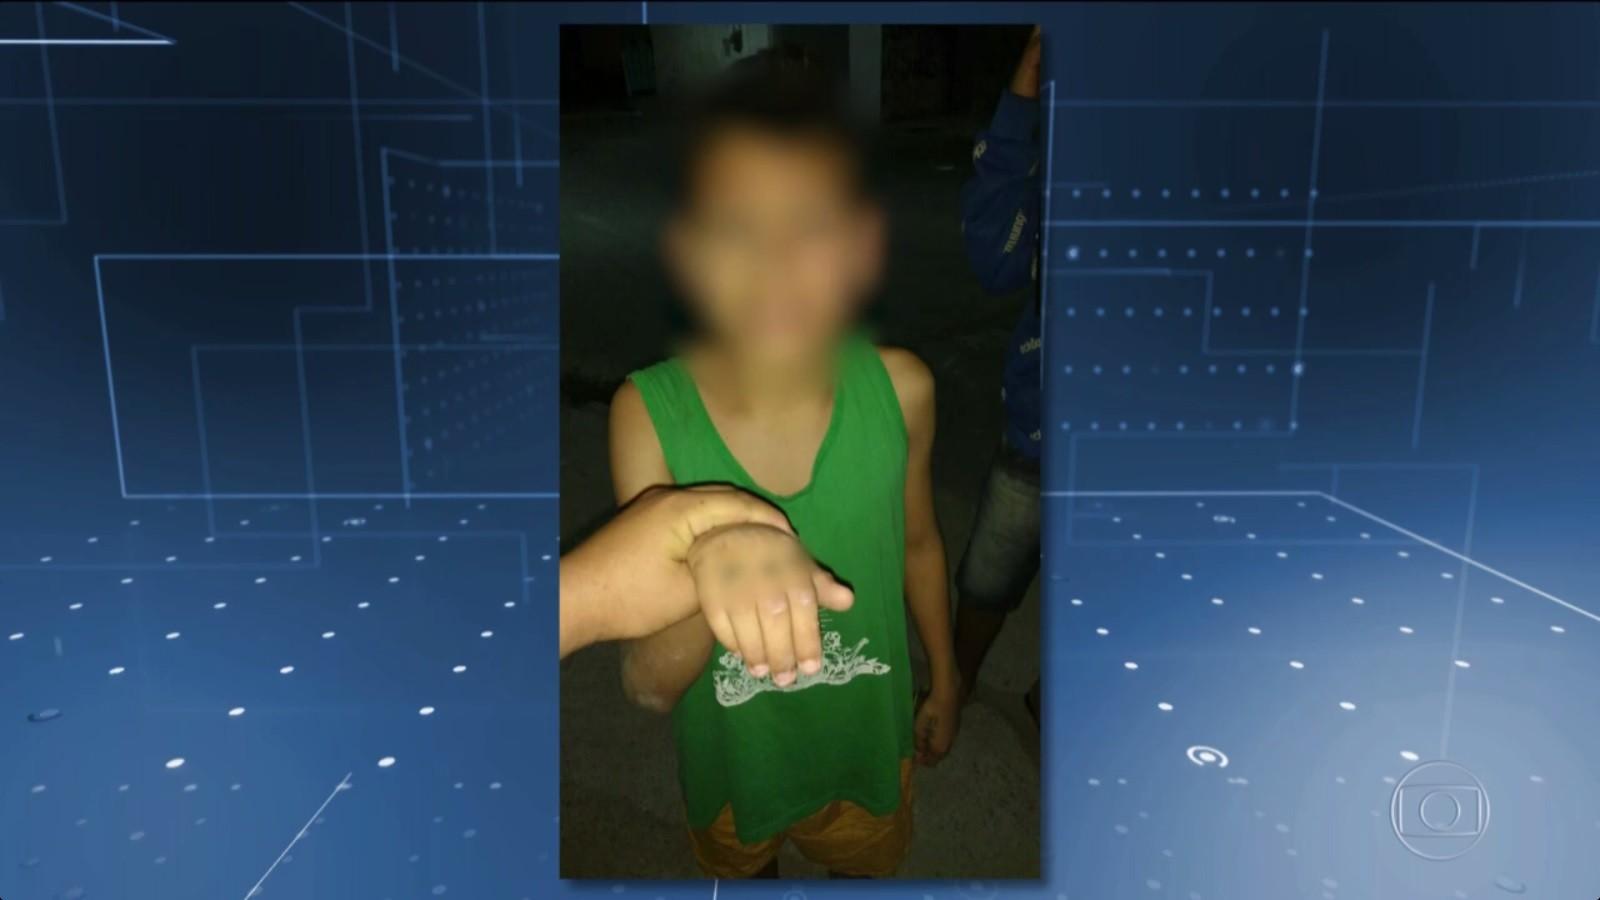 'Meu filho não era de facção nenhuma', diz pai de garoto retirado de abrigo e morto em chacina